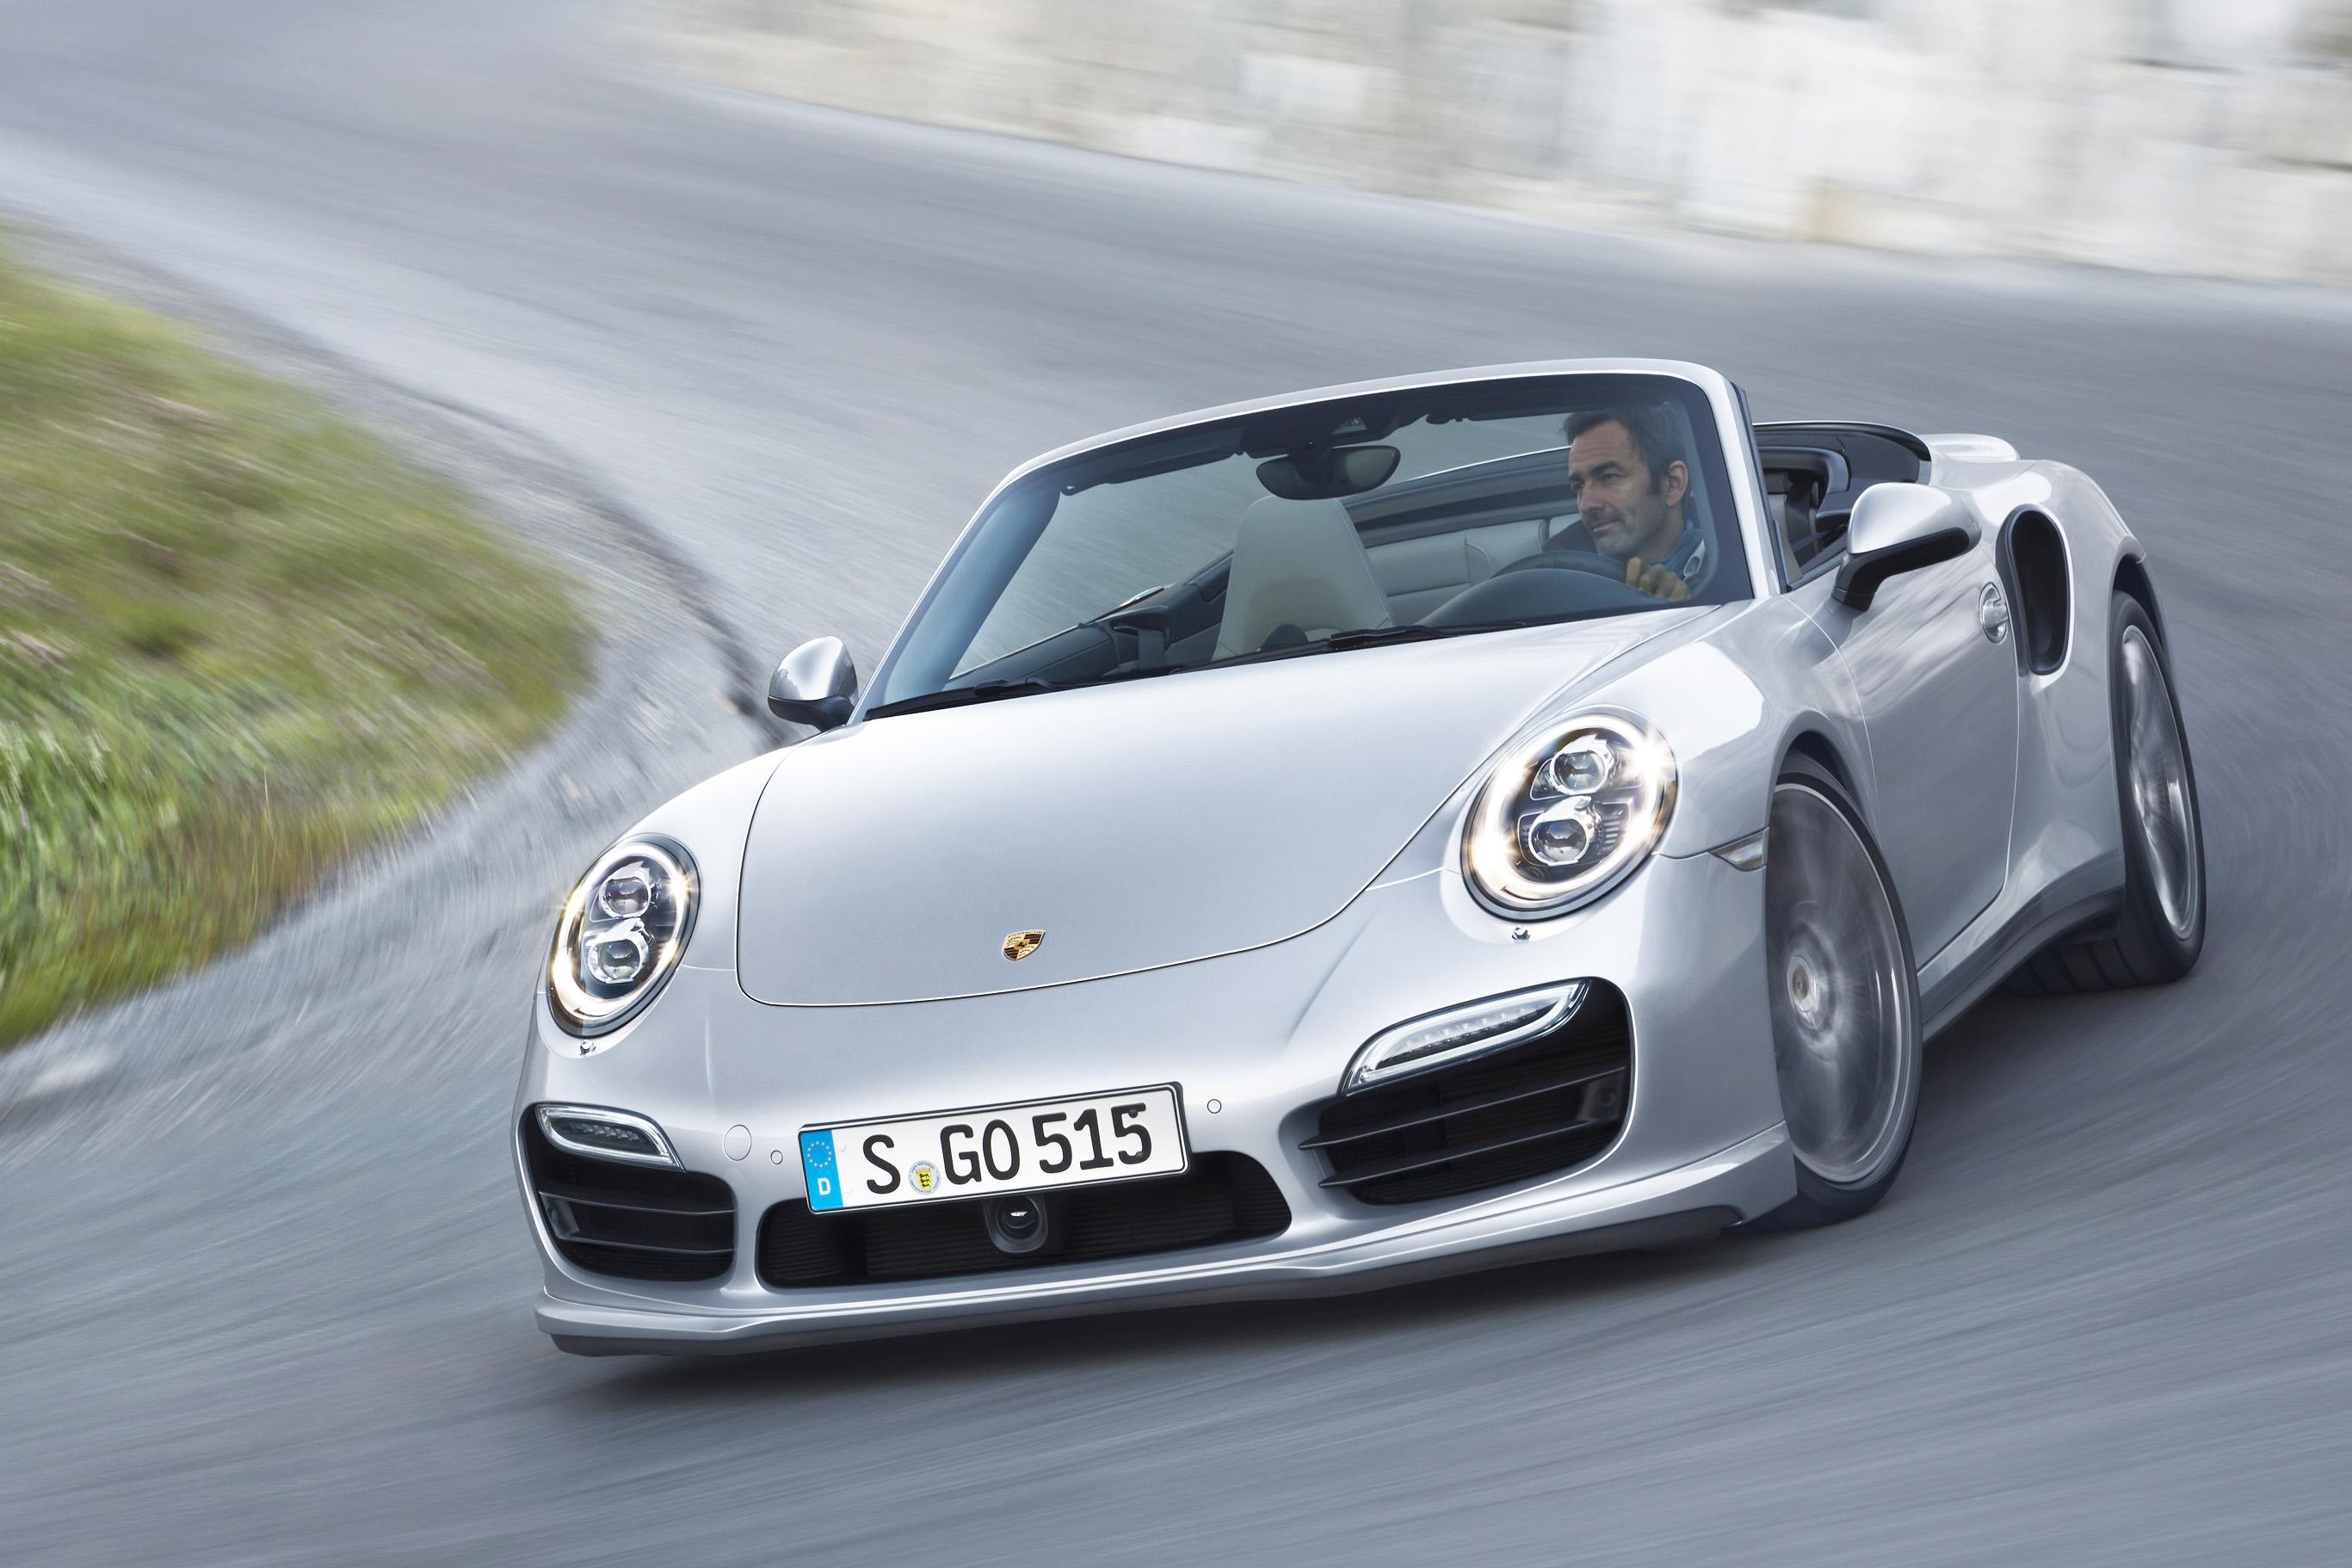 Porsche_911_Turbo_S_Cabrio-Versionen_LA_Autoshow_2013_1